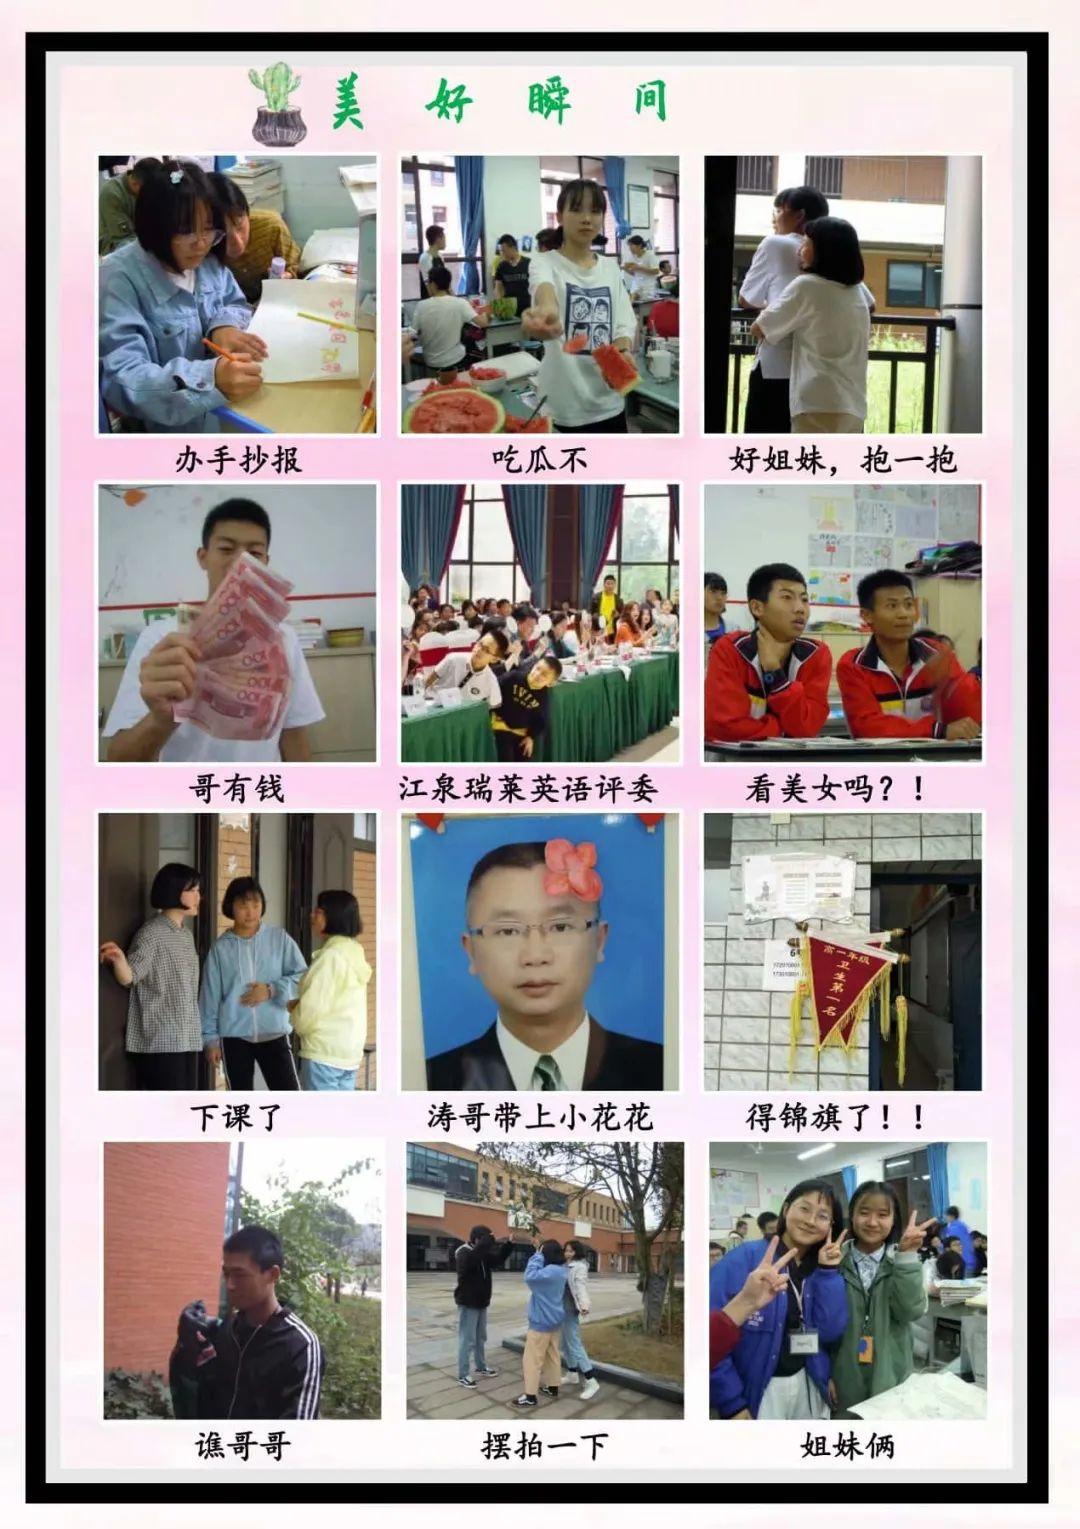 再见,云涛之家—叙永三中17级10班毕业纪念 叙永三中 第60张